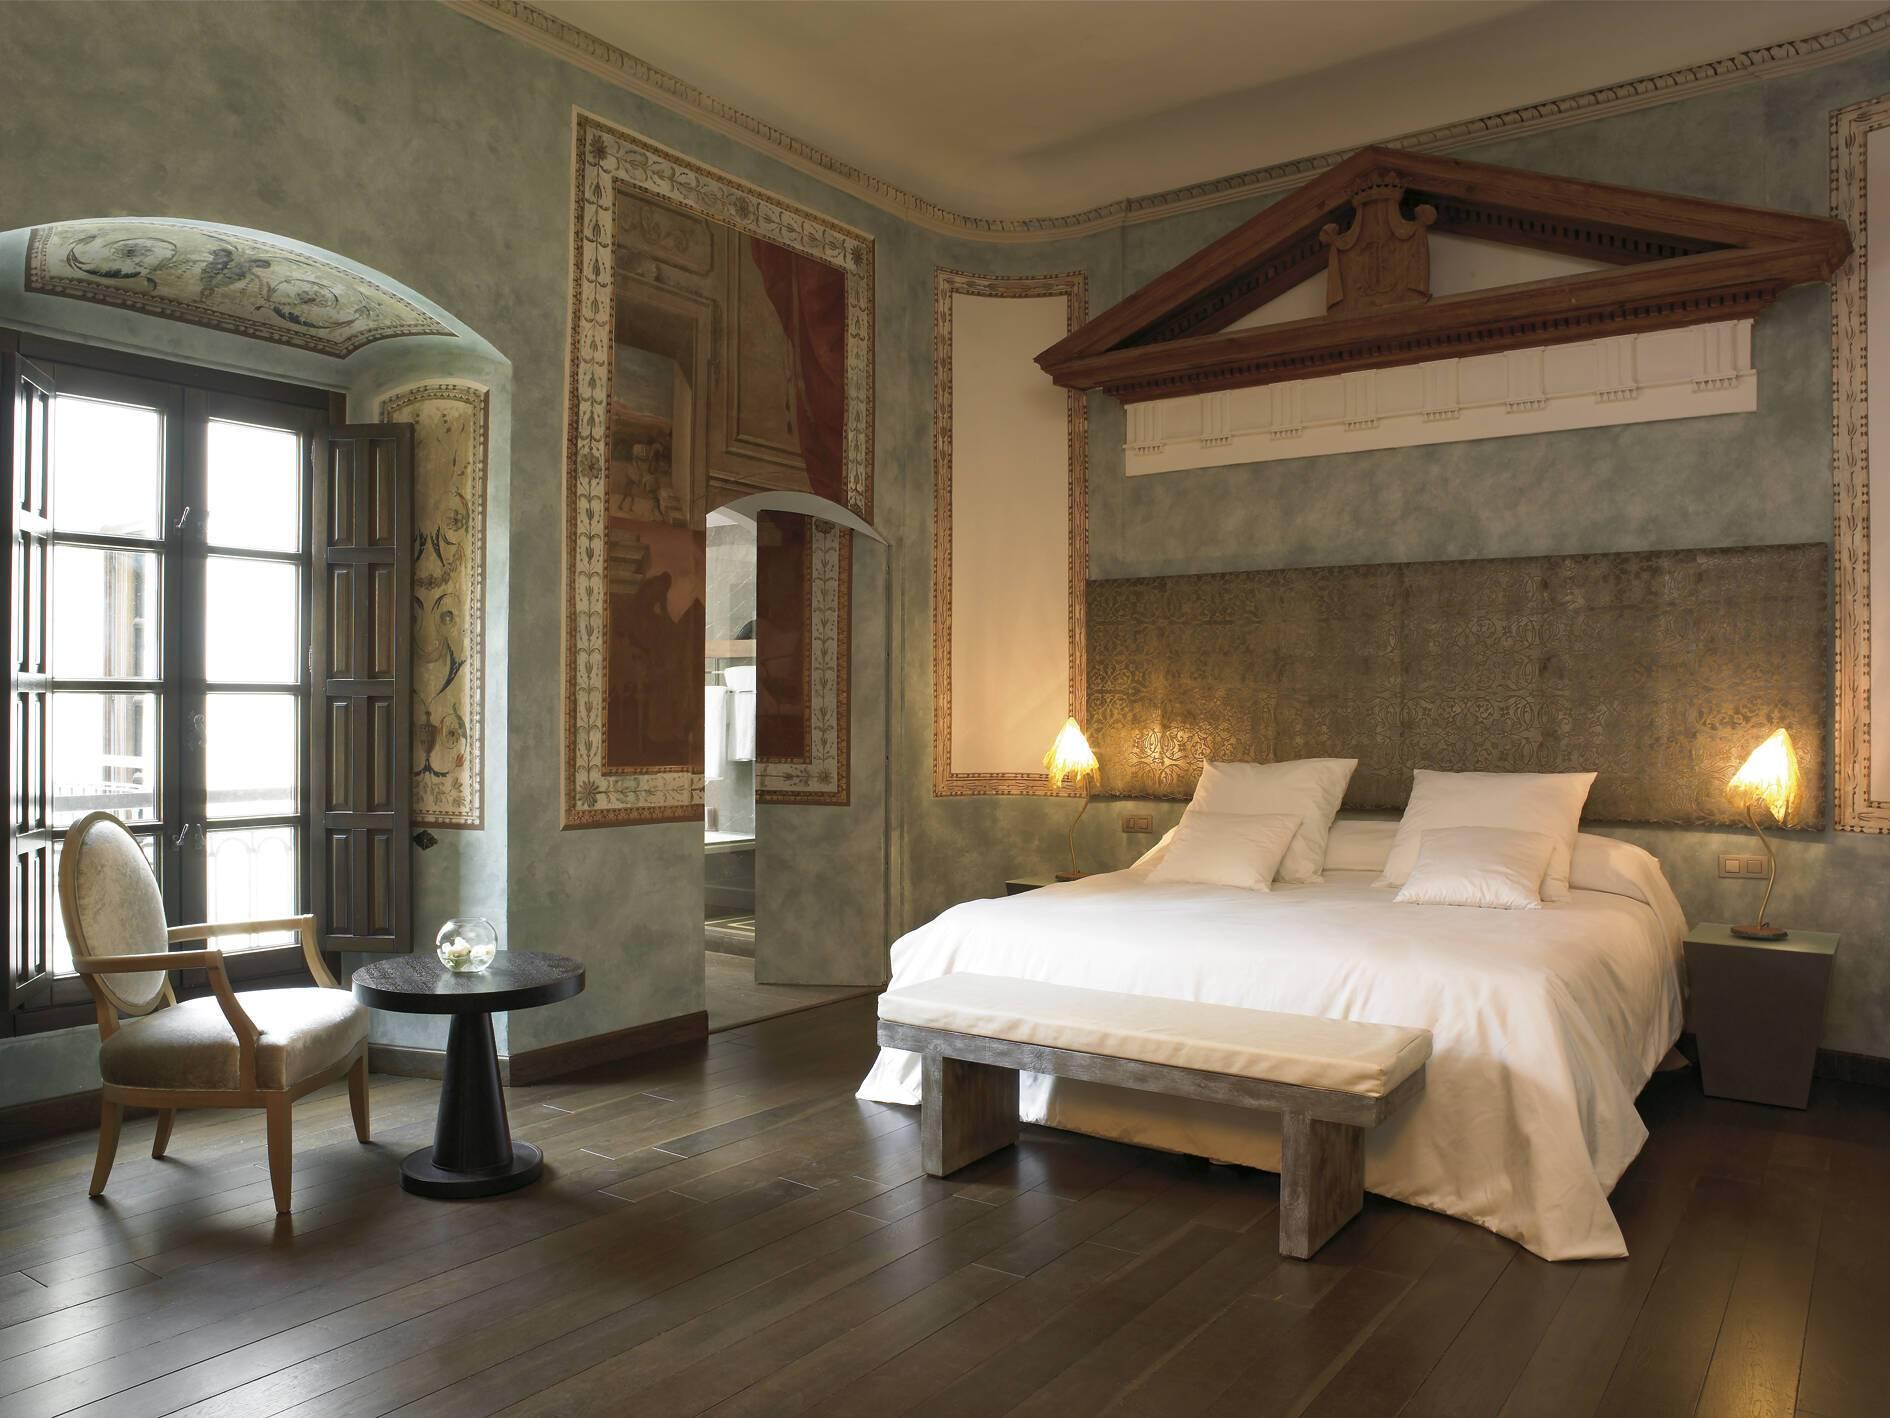 Hotel Hospes Palacio Bailio Cordoue Gran Suite Capitan